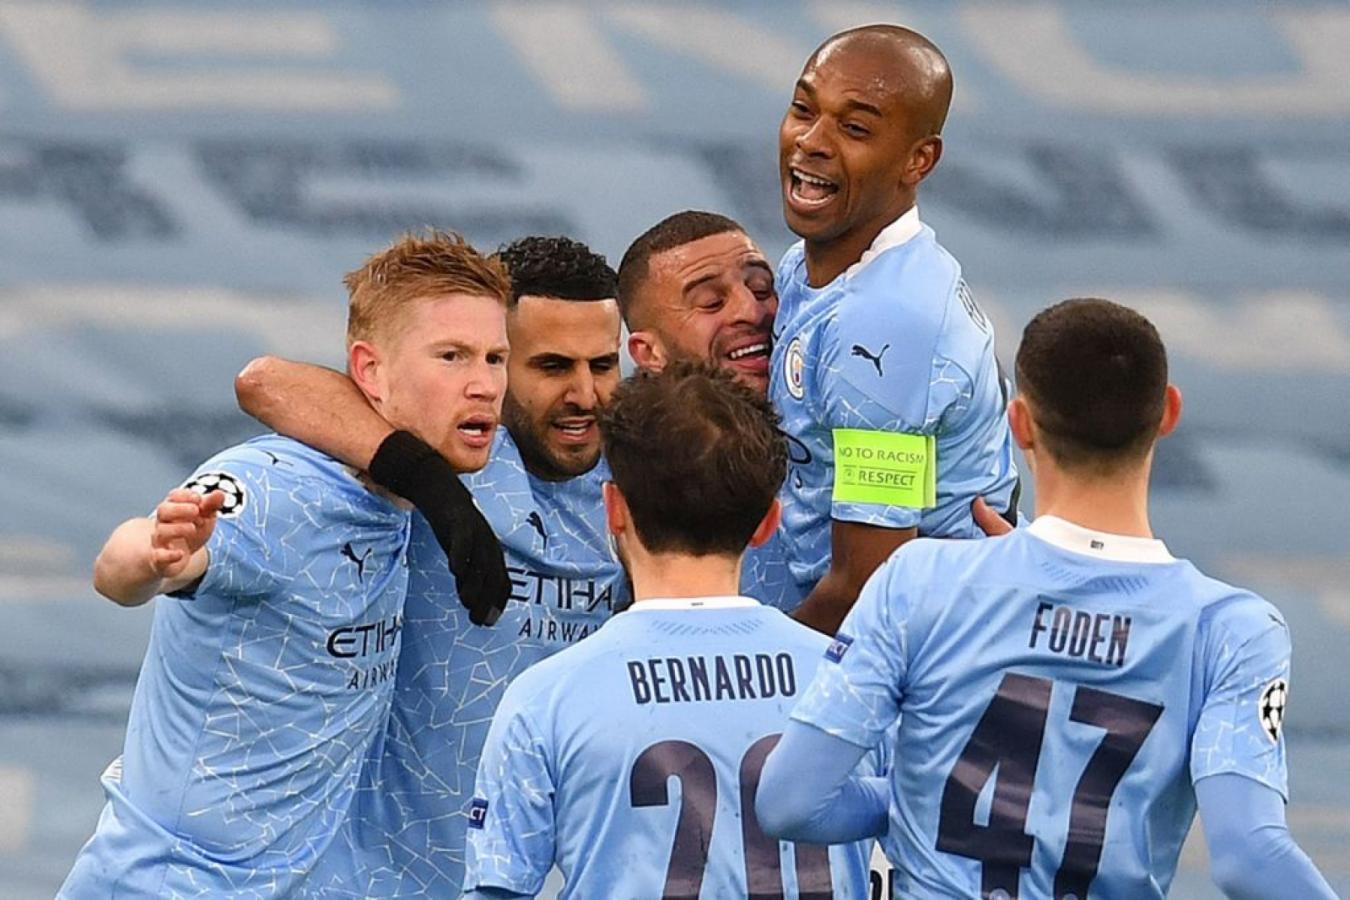 La alegría es solo ciudadana. El City alcanzó su primera final de Champions de la historia. Foto: @ChampionsLeague